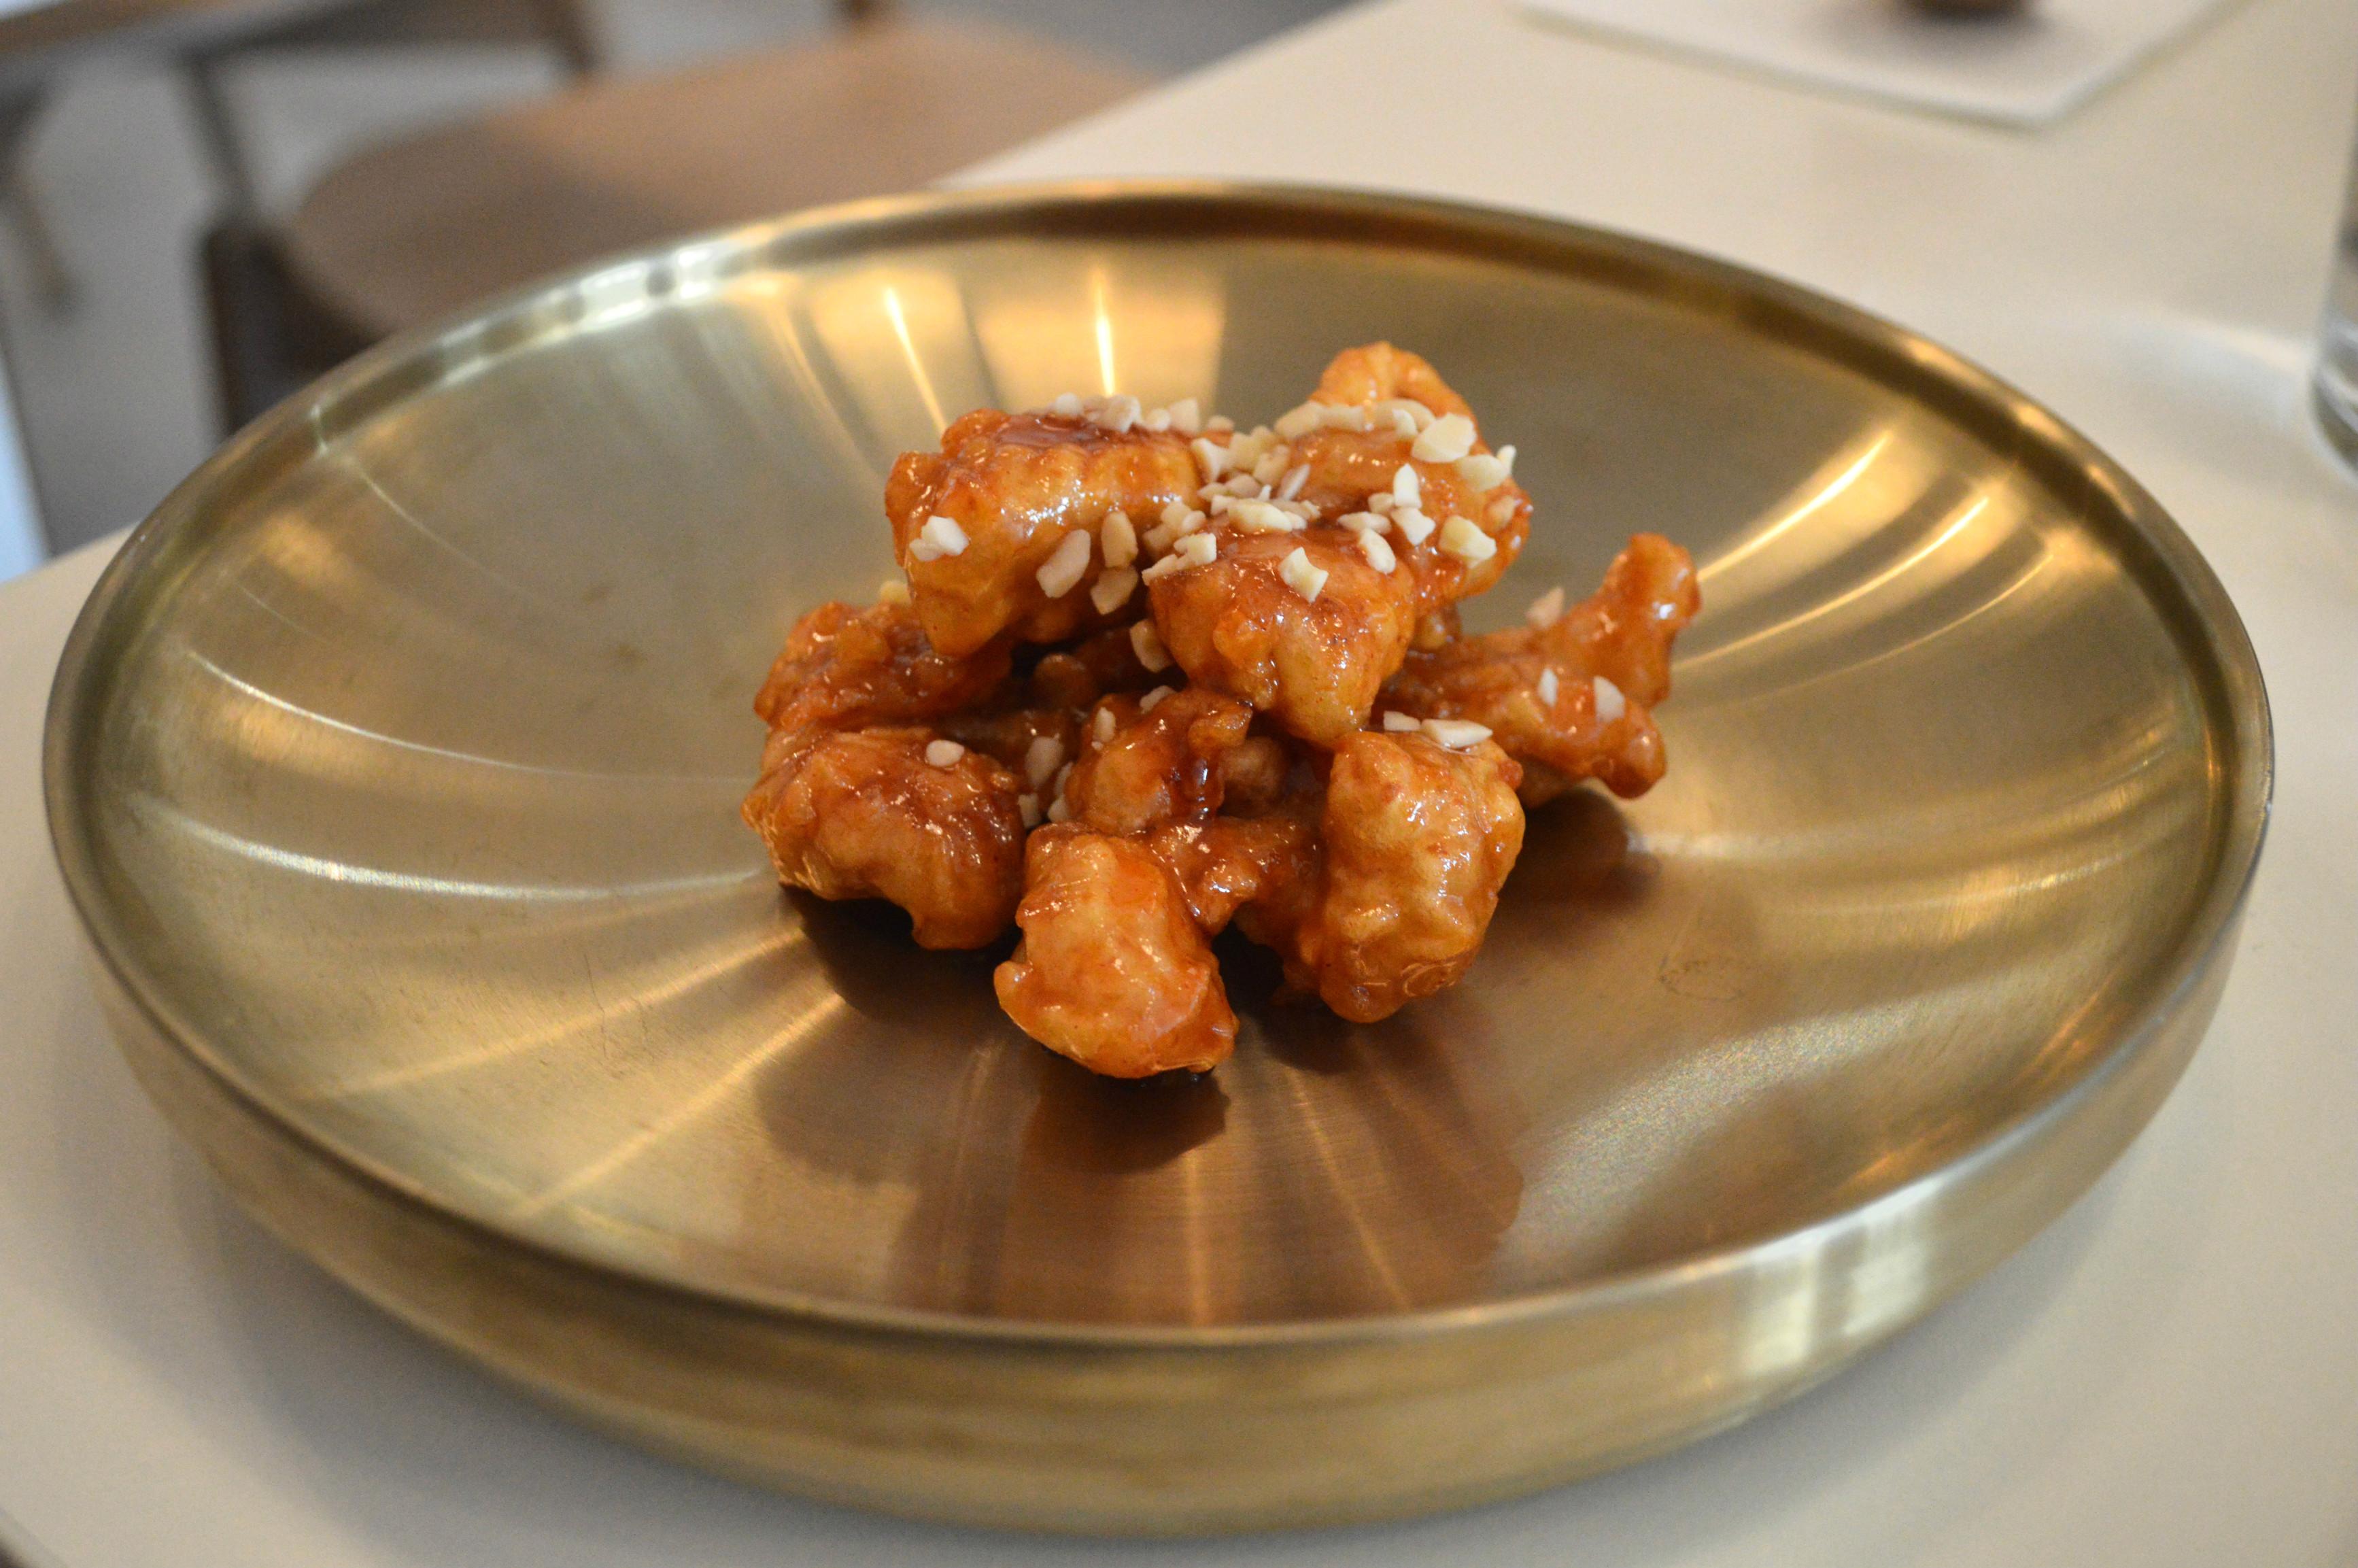 poulet croustillant Bibibap Bordeaux cuisine coréenne - blog Camille In Bordeaux